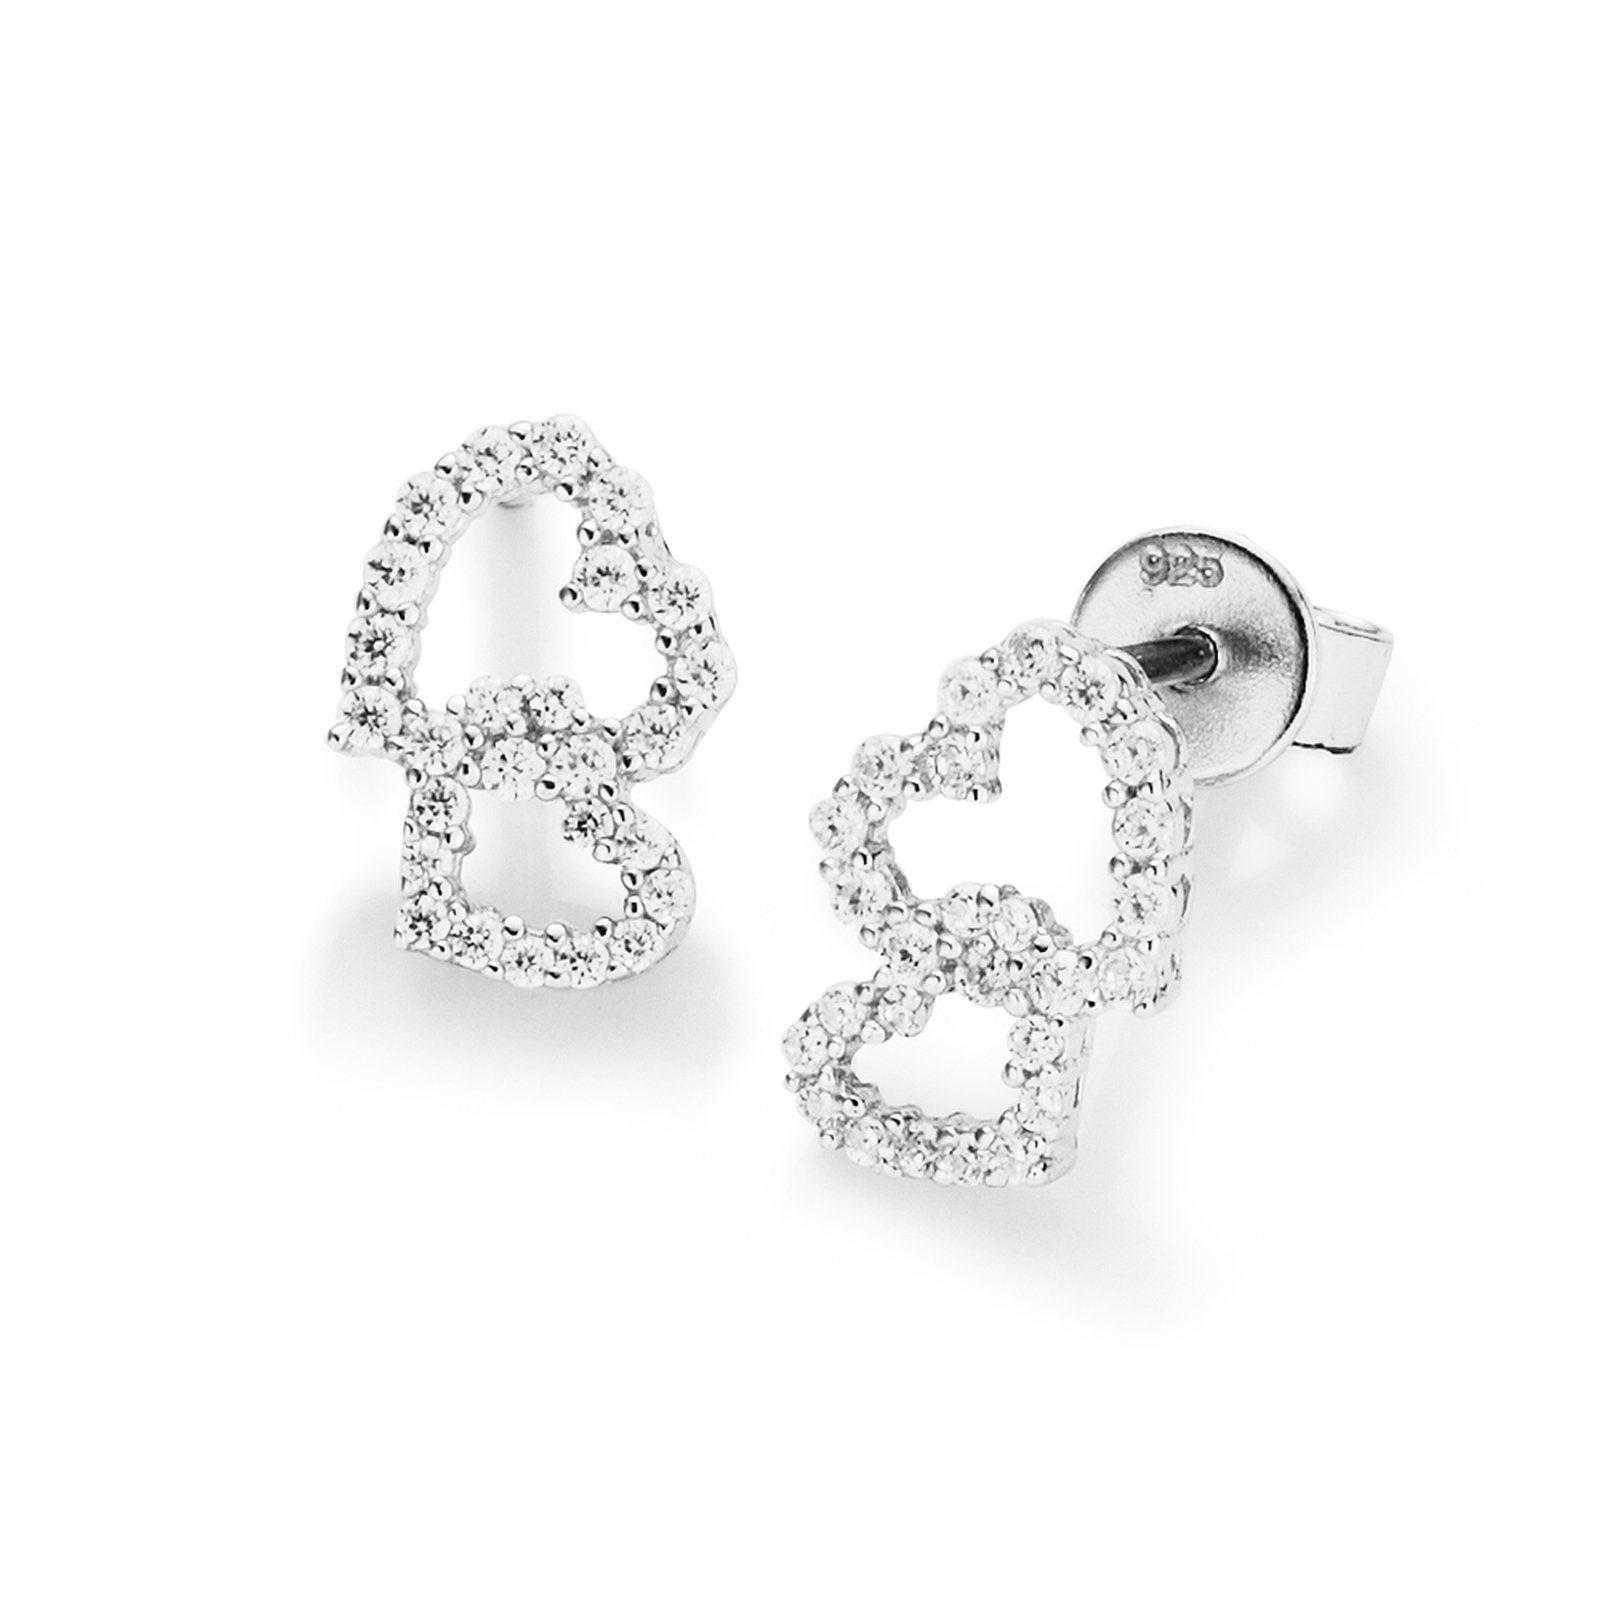 Kaufen Ohrstecker Paar Jewel Smart »doppelherz« Nw8yvm0PnO